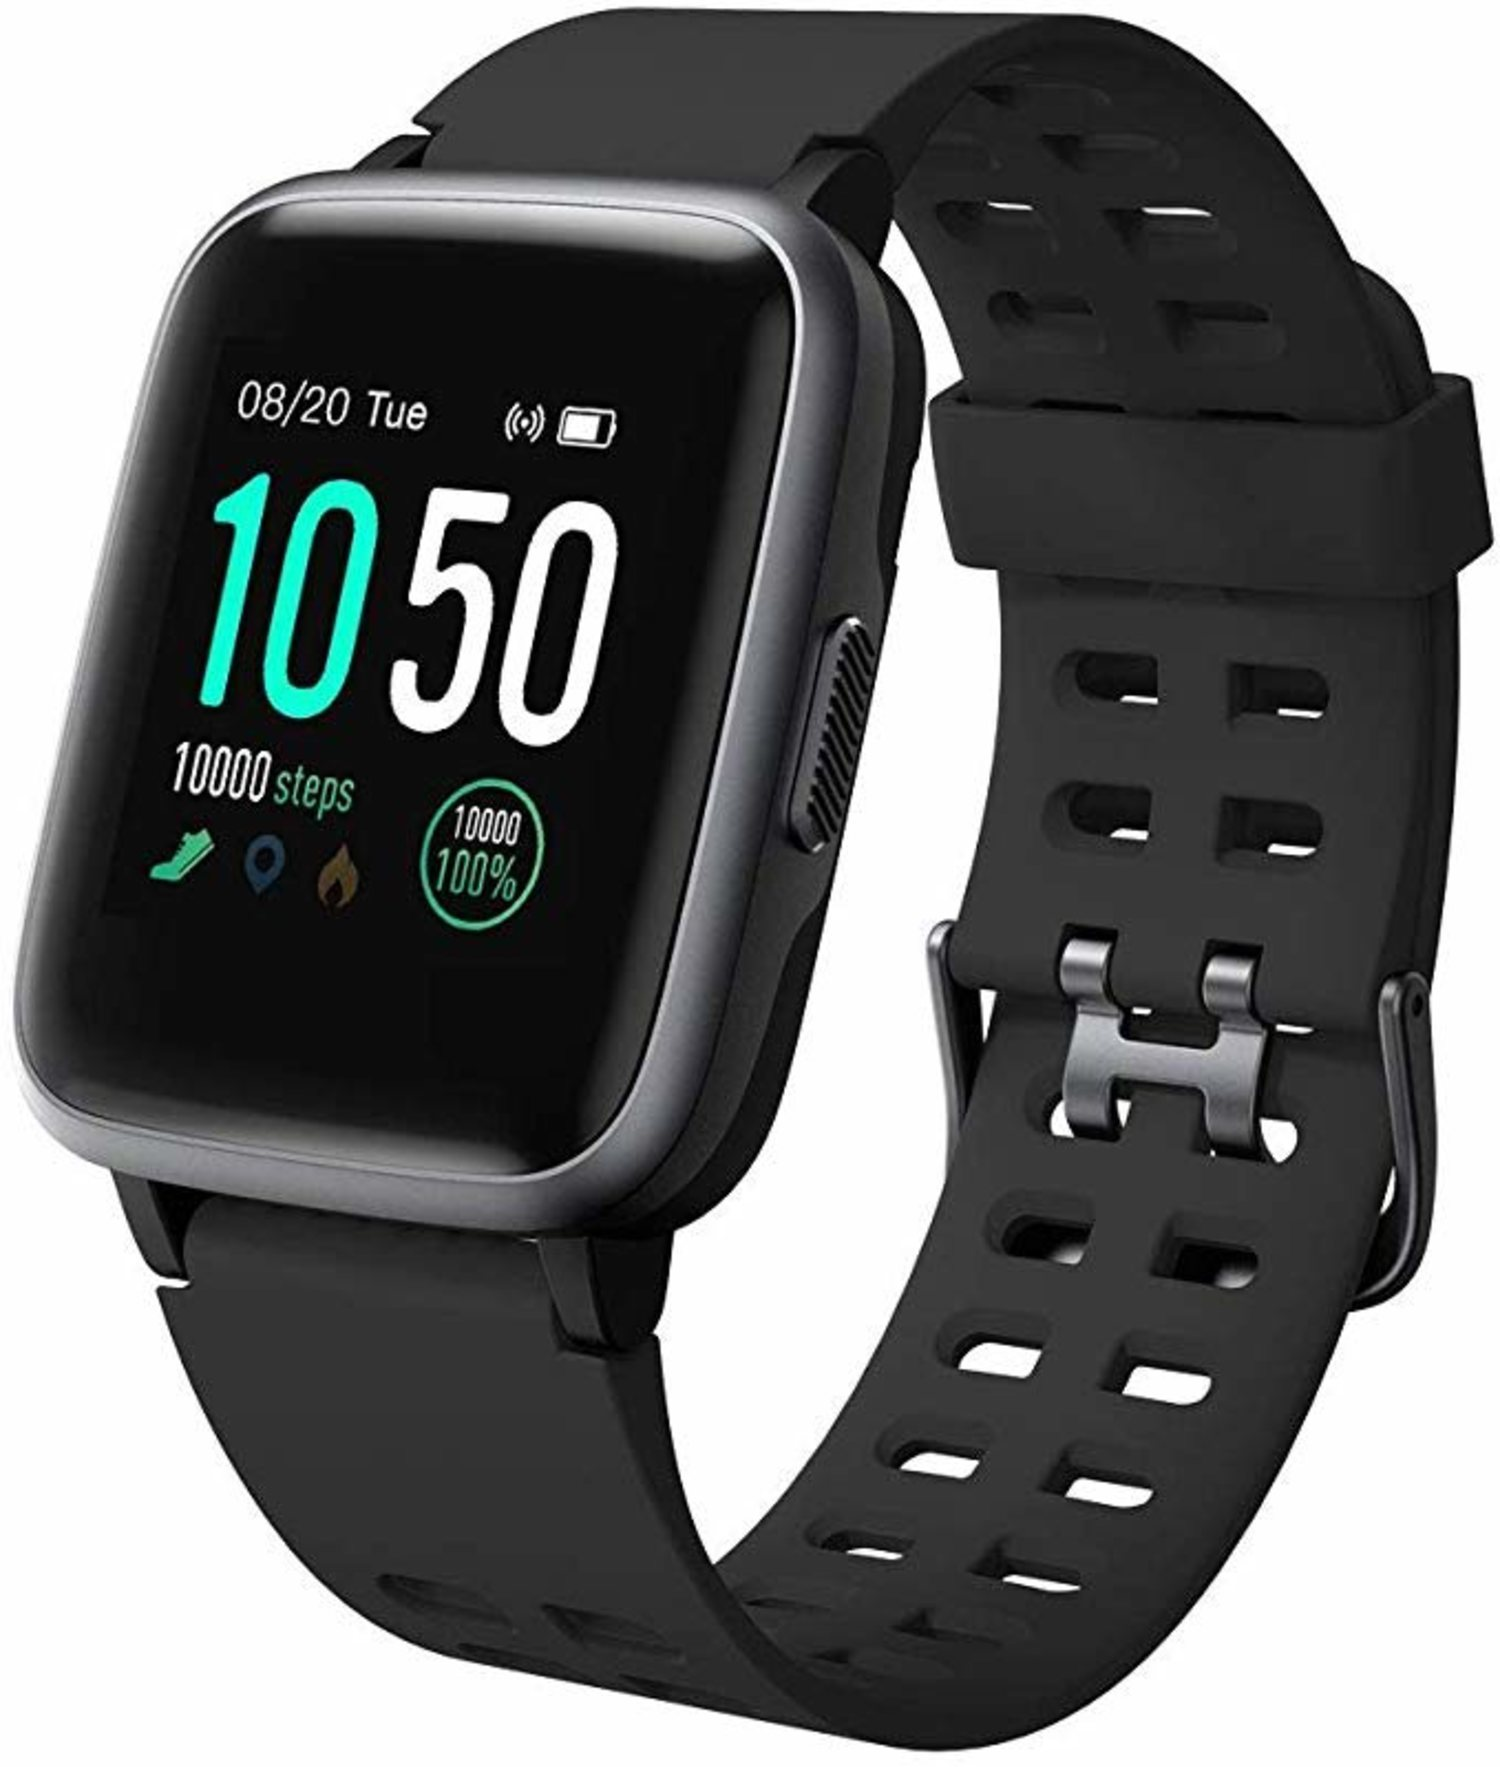 Willful Smartwatch, con batería de larga duración que aguante entre 7 y 10 días.